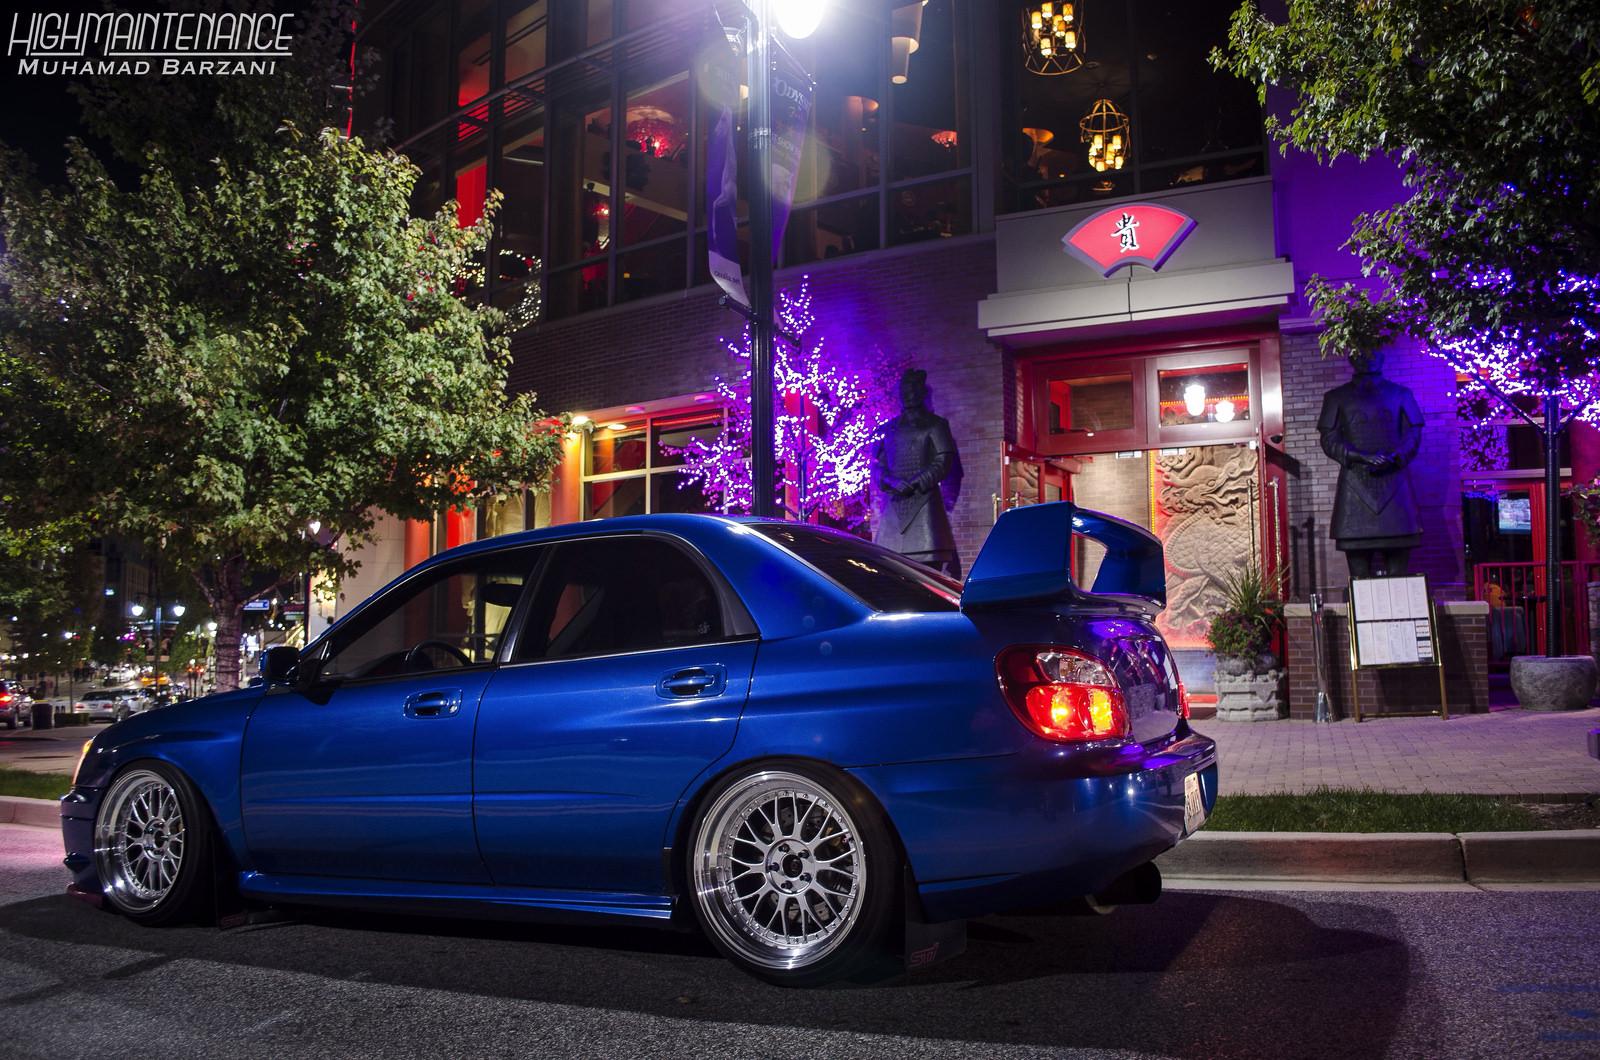 Subaru Impreza Blobeye Tuning 6 Tuning